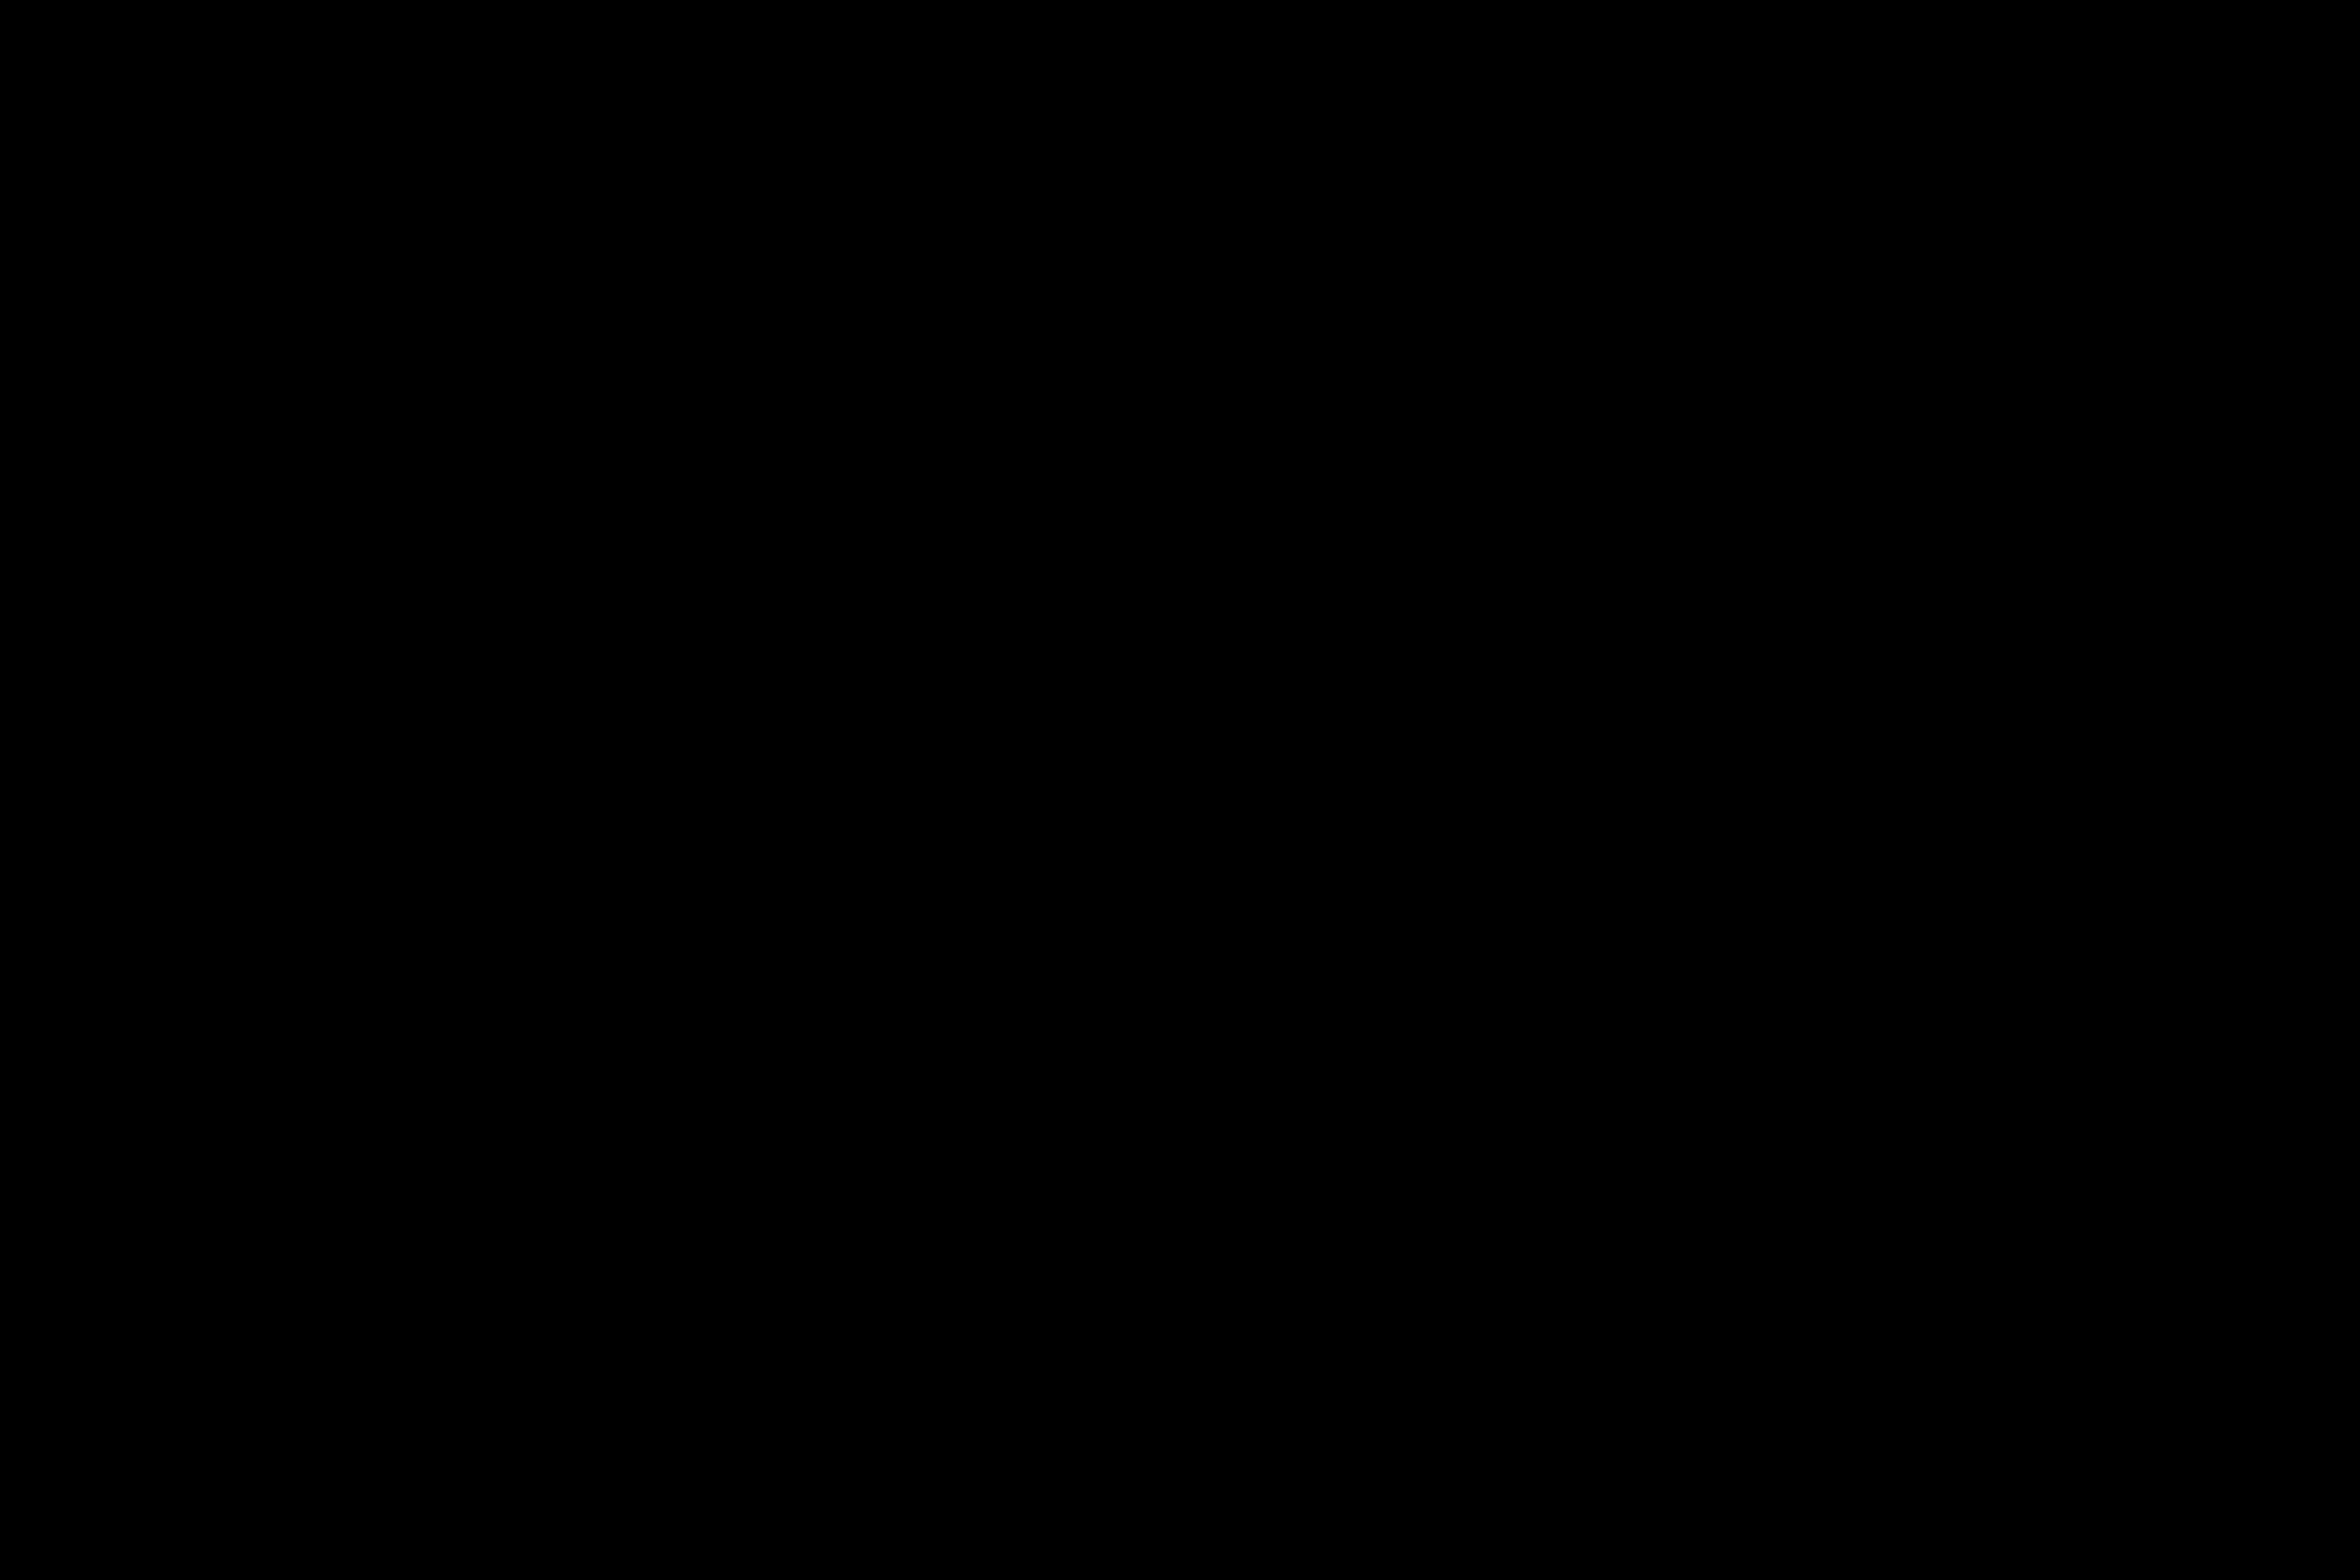 Sapato usado por Judy Garland, no Mágico de Oz